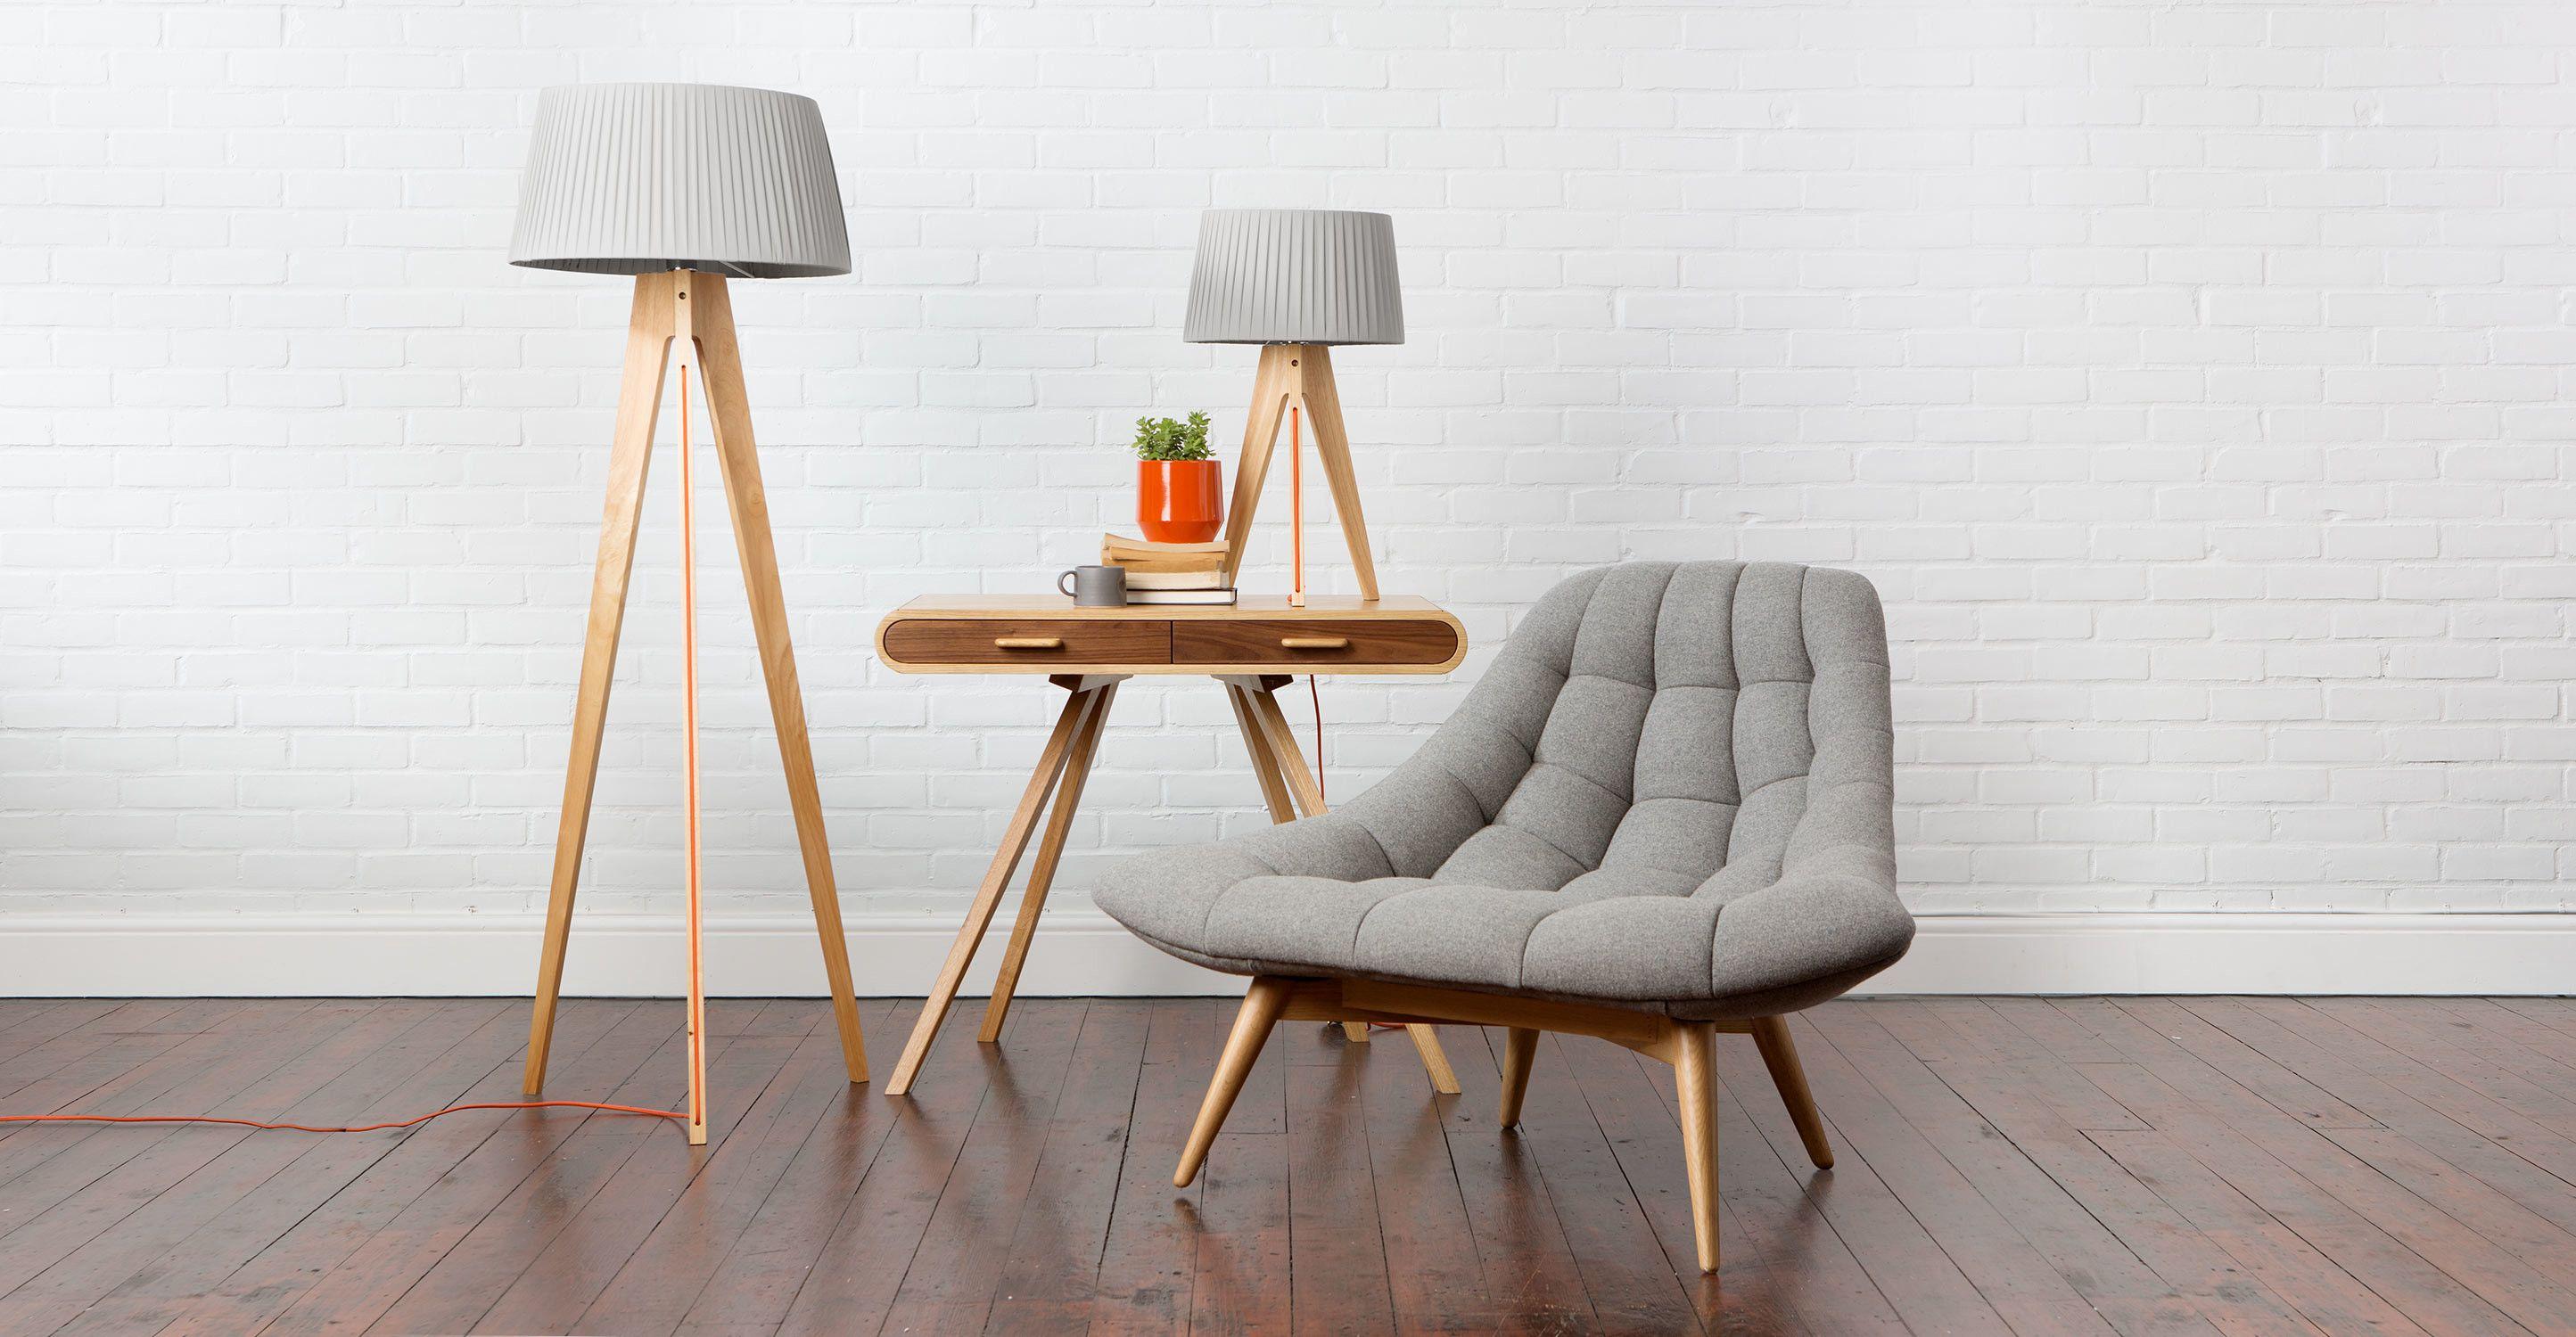 Miller Table Lamp Natural Wood And Orange Interer